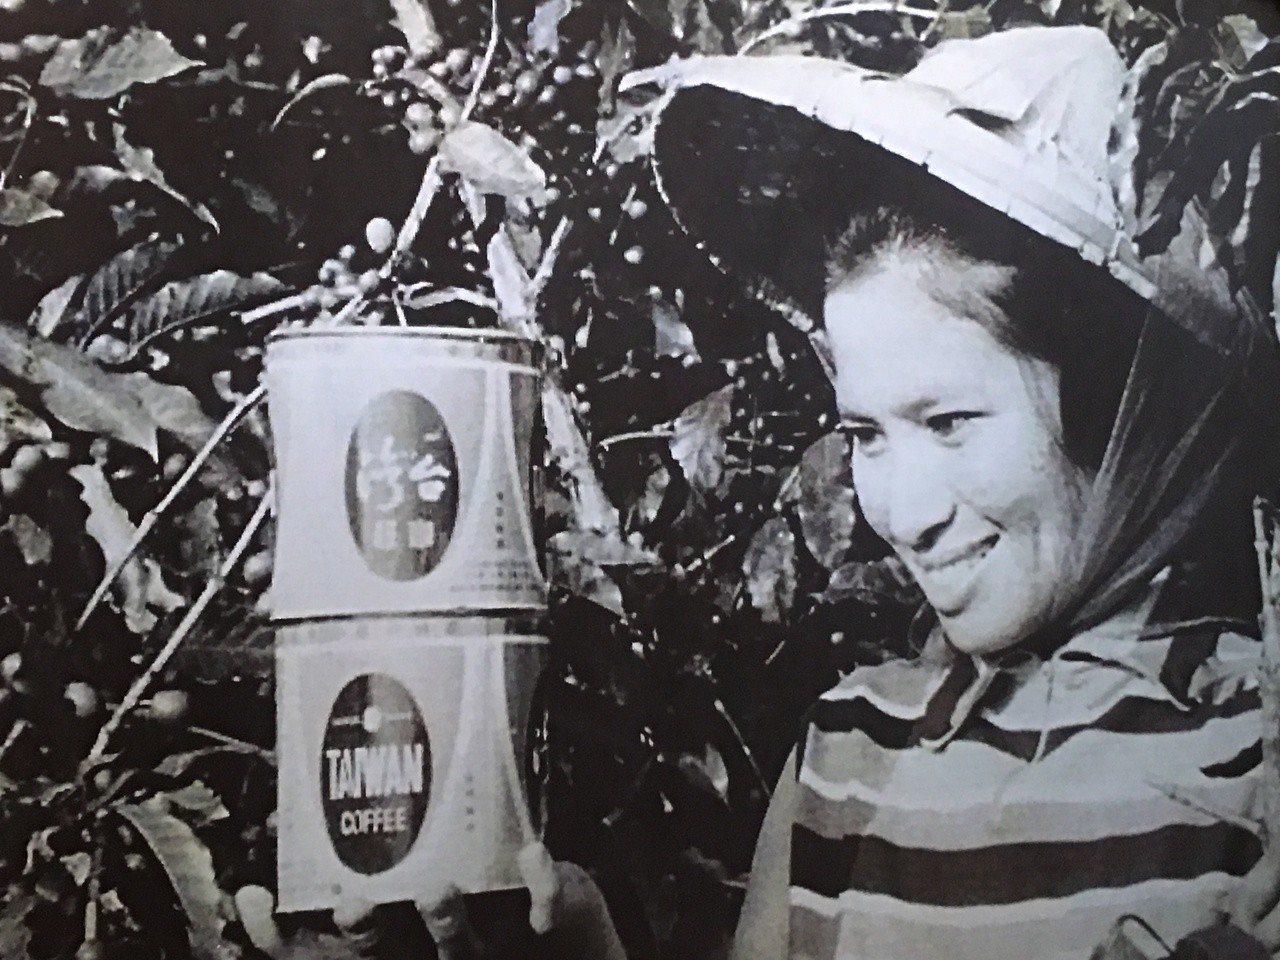 雲林縣古坑鄉有台灣咖啡原鄉之稱,志工調查史料發現一張約民國53年左右拍攝的咖啡宣...